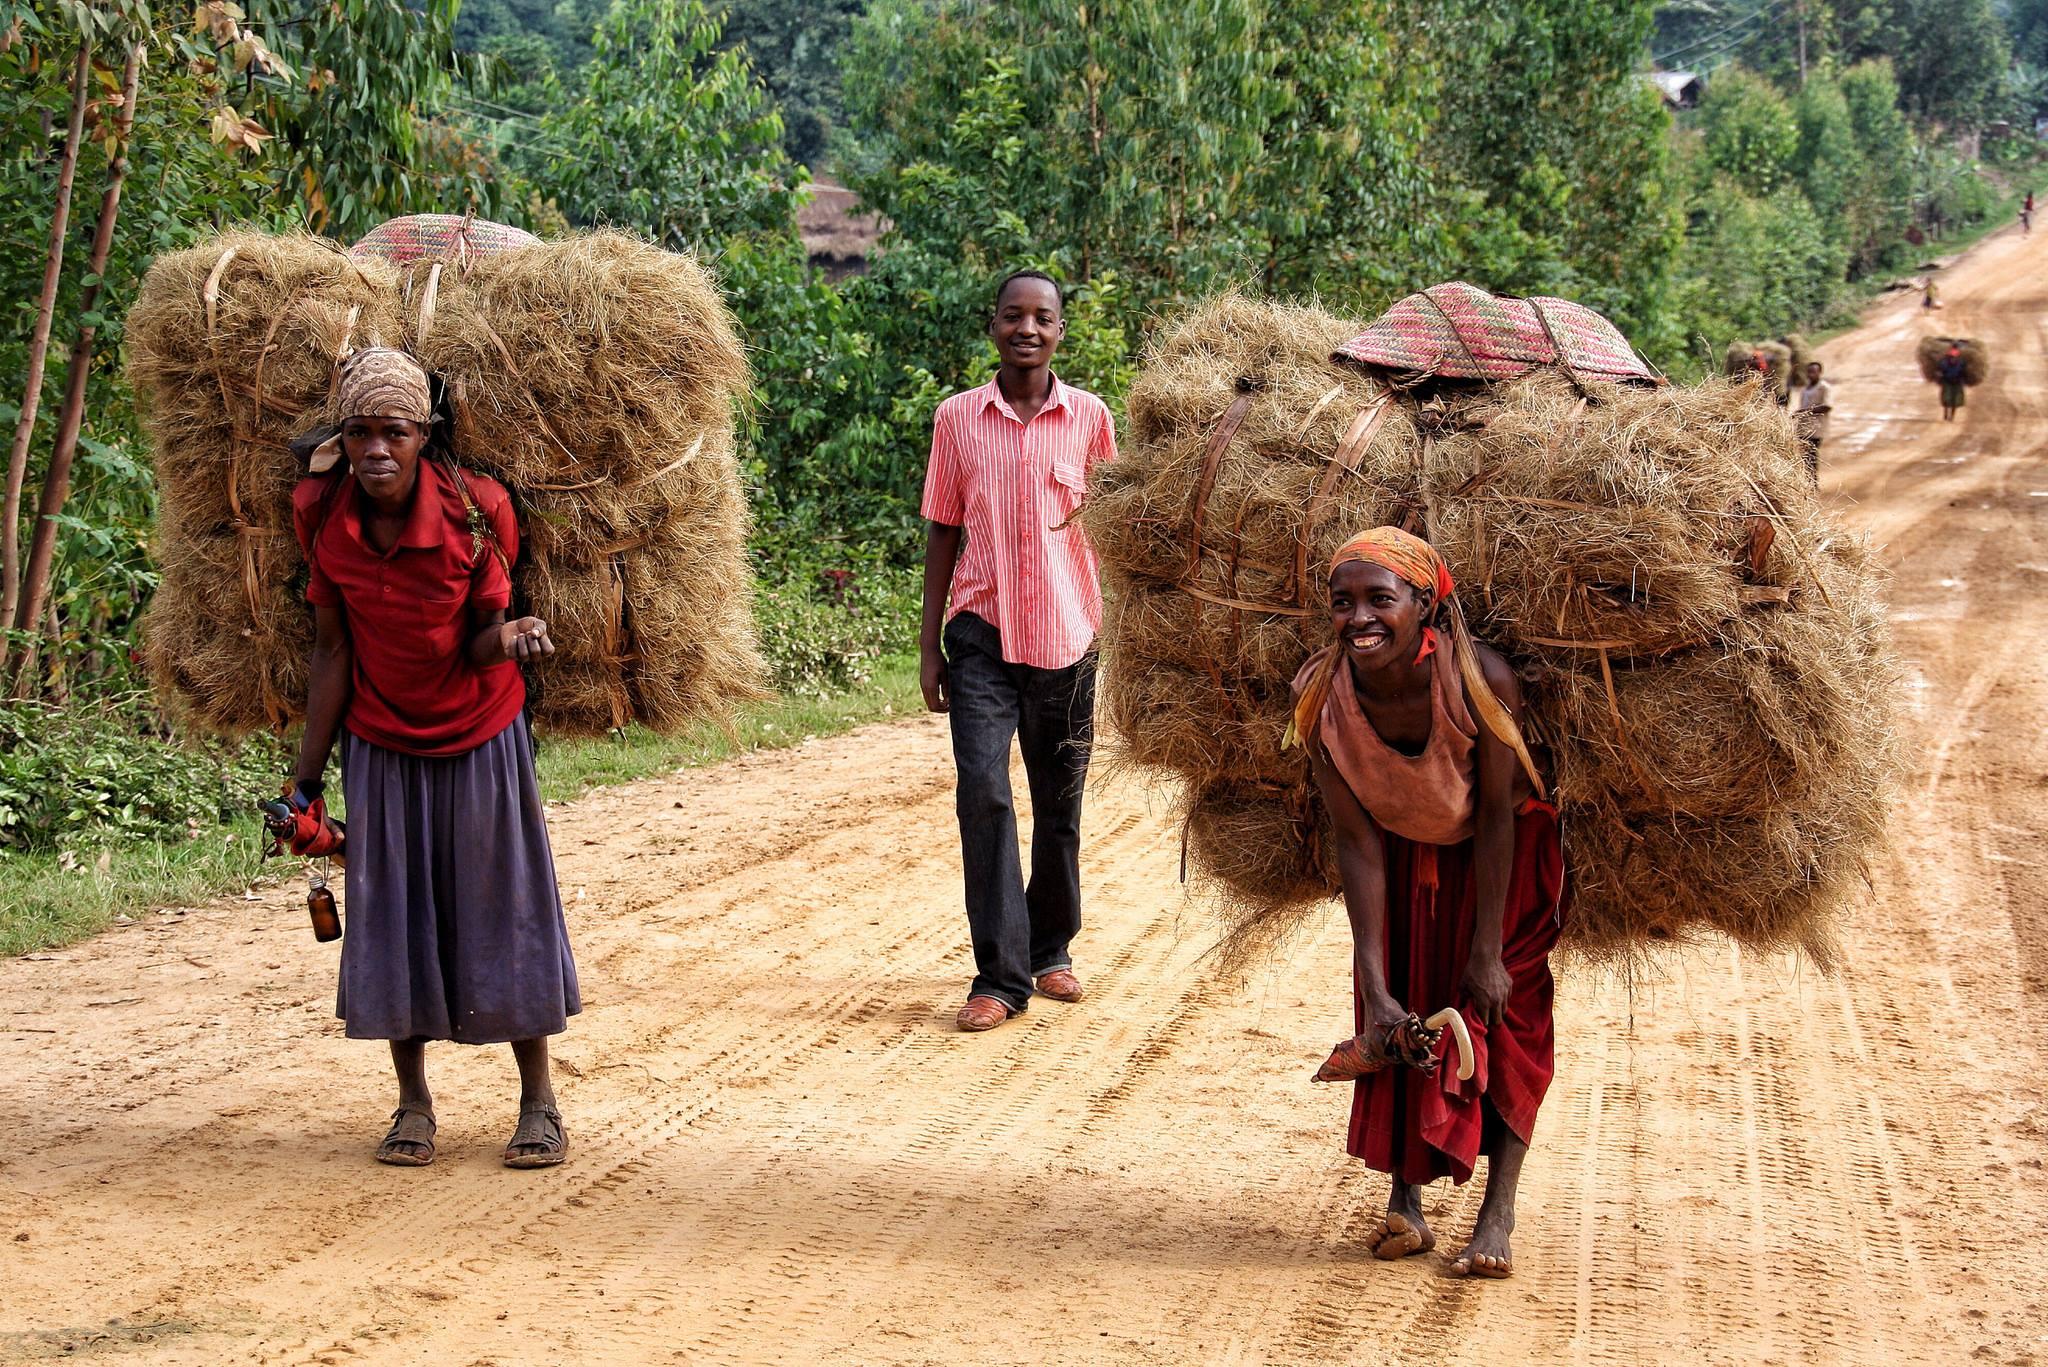 « Il n'y a pas de révolution sociale véritable que lorsque la femme est libérée. Que jamais mes yeux ne voient une société où la moitié du peuple est maintenue dans le silence. J'entends le vacarme de ce silence des femmes, je pressens le grondement de leur bourrasque, je sens la furie de leur révolte. J'attends et espère l'irruption féconde de la révolution dont elles traduiront la force et la rigoureuse justesse sorties de leurs entrailles d'opprimées. », Thomas Sankara / Photo : Meritxell Mena